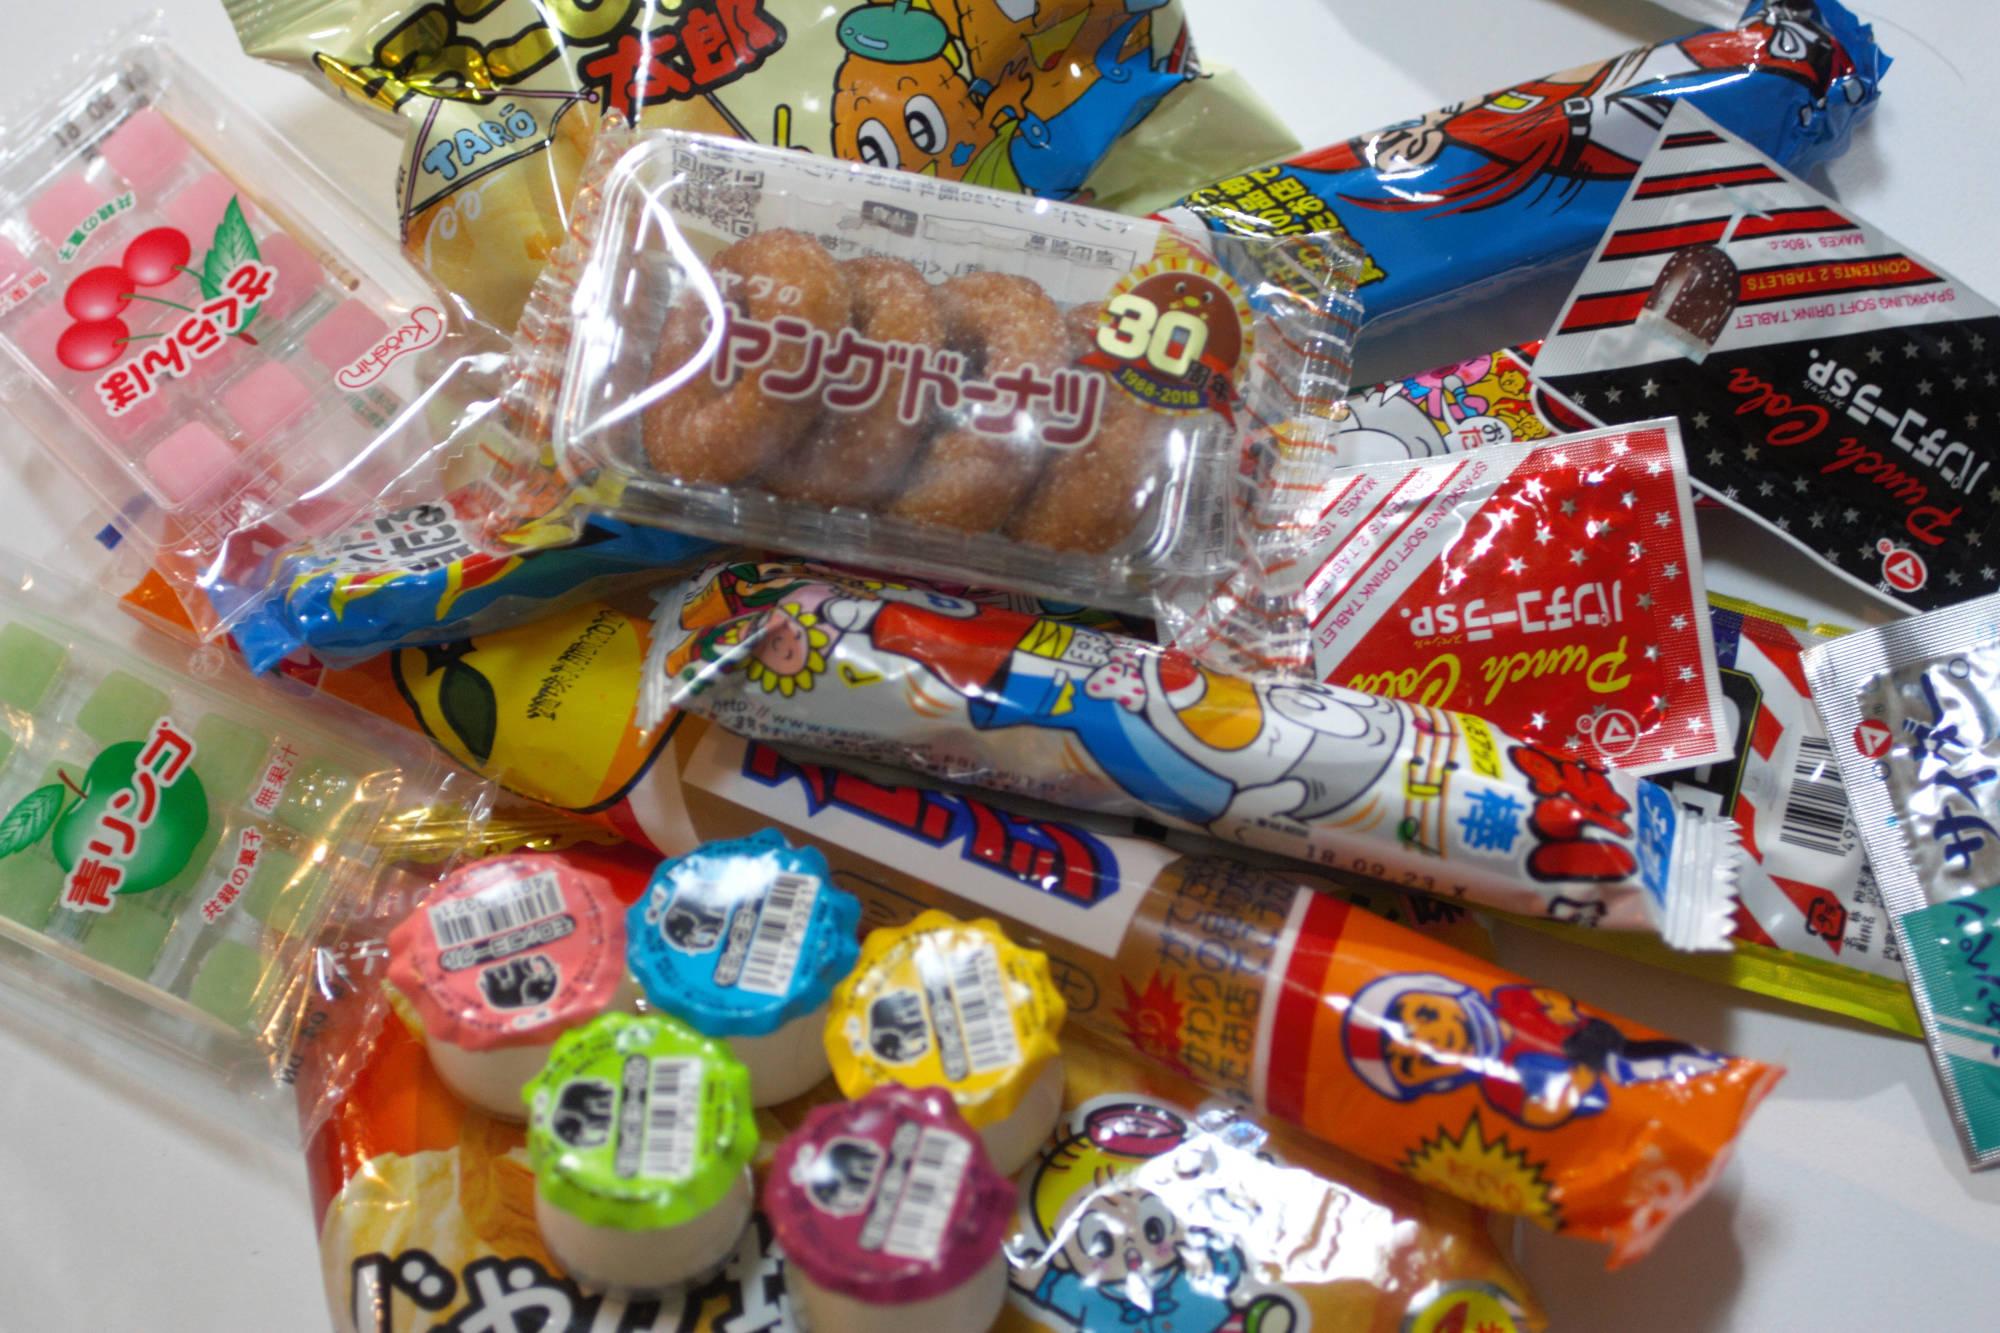 ロンゴロンゴで購入した駄菓子